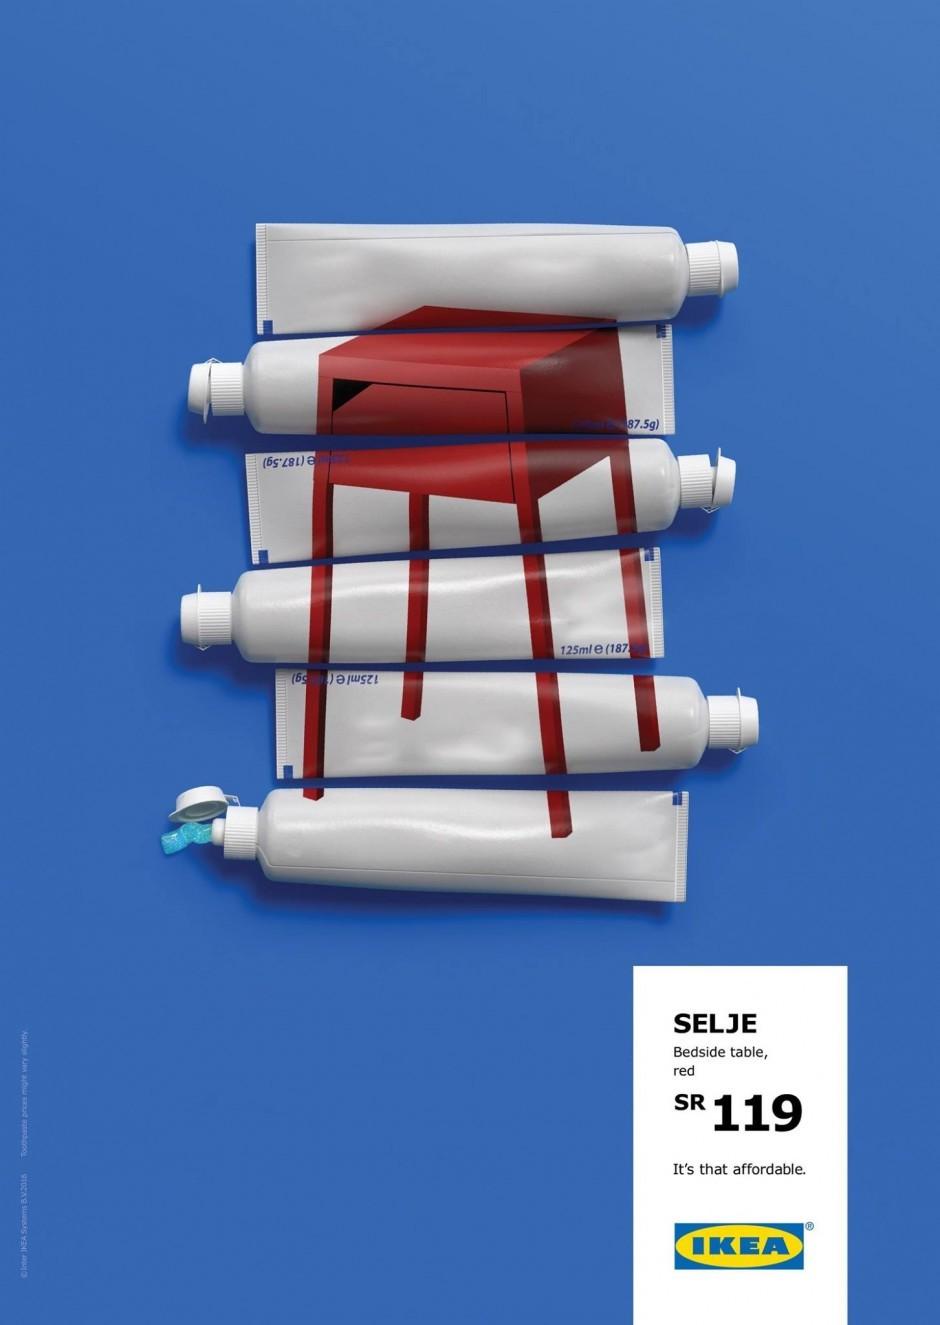 Billige Produkte, edel wirkende Werbung: Diese Ikea-Kampagne hat sich Memac Ogilvy Dubai ausgedacht